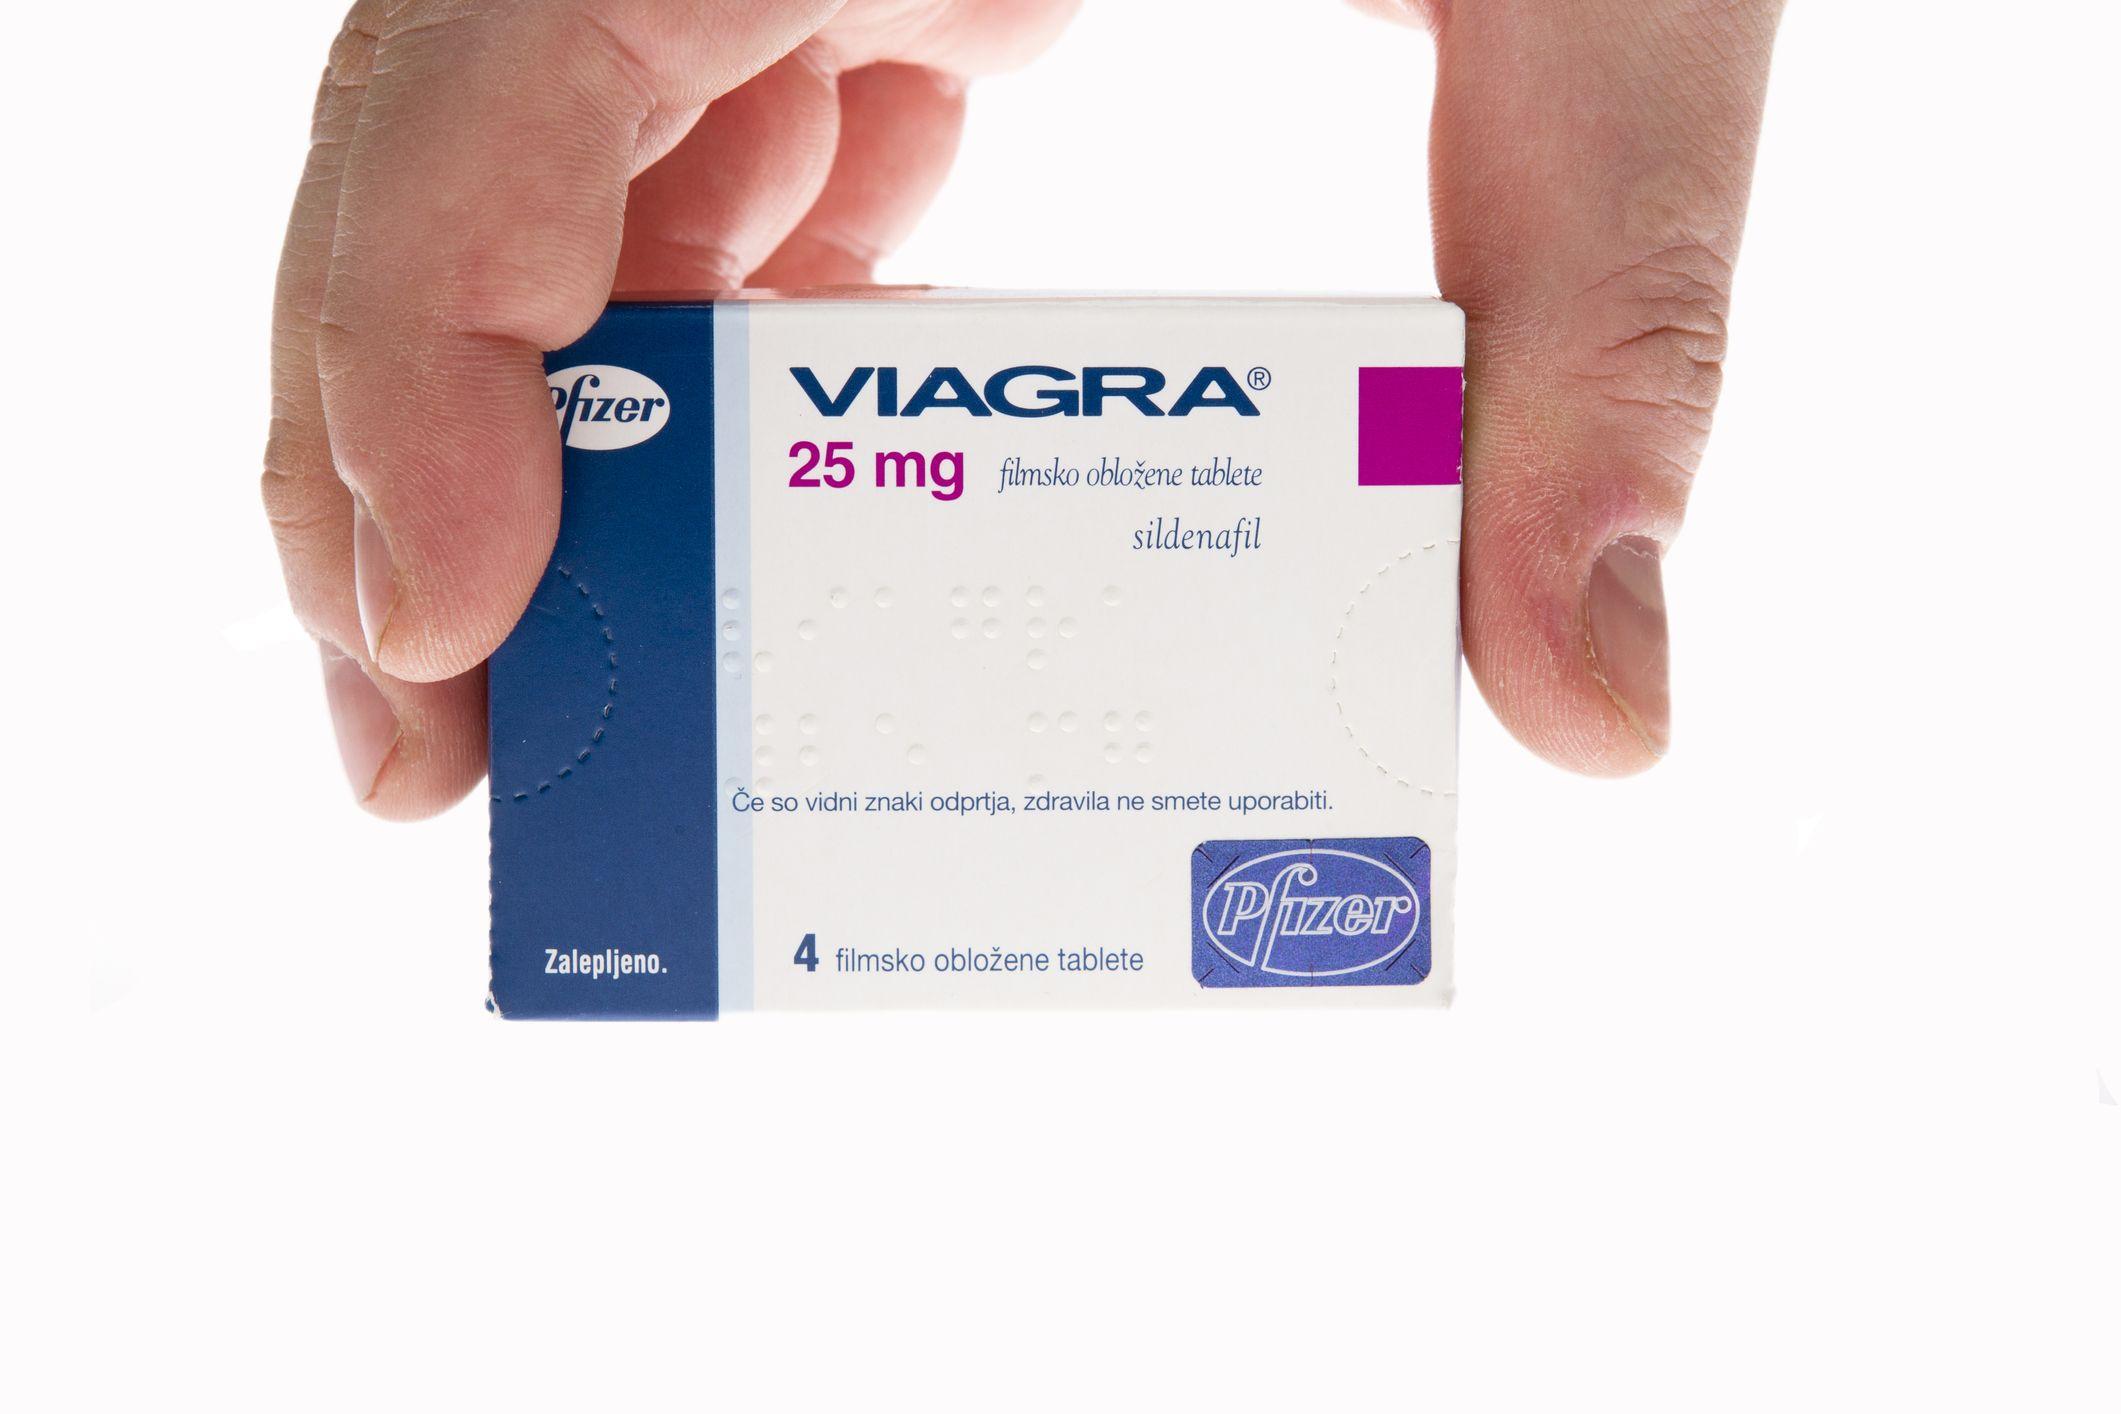 magas vérnyomás esetén Viagra-t szed a magas vérnyomás kezelésének elve